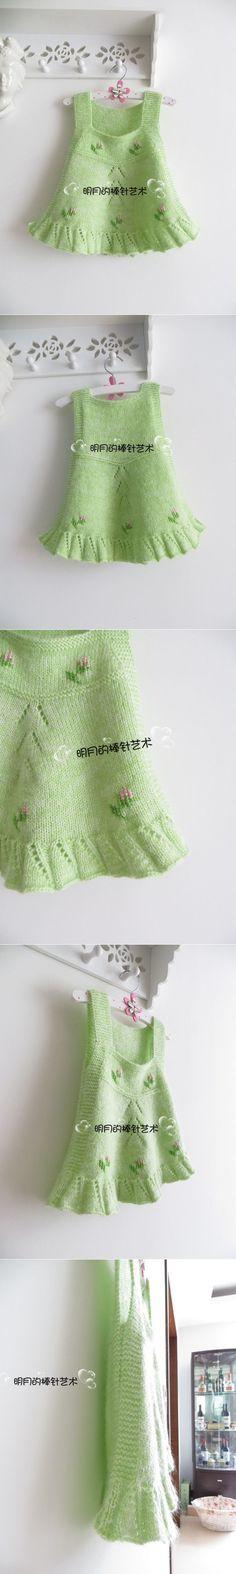 Детский сарафанчик с вышивкой, связанный спицами.